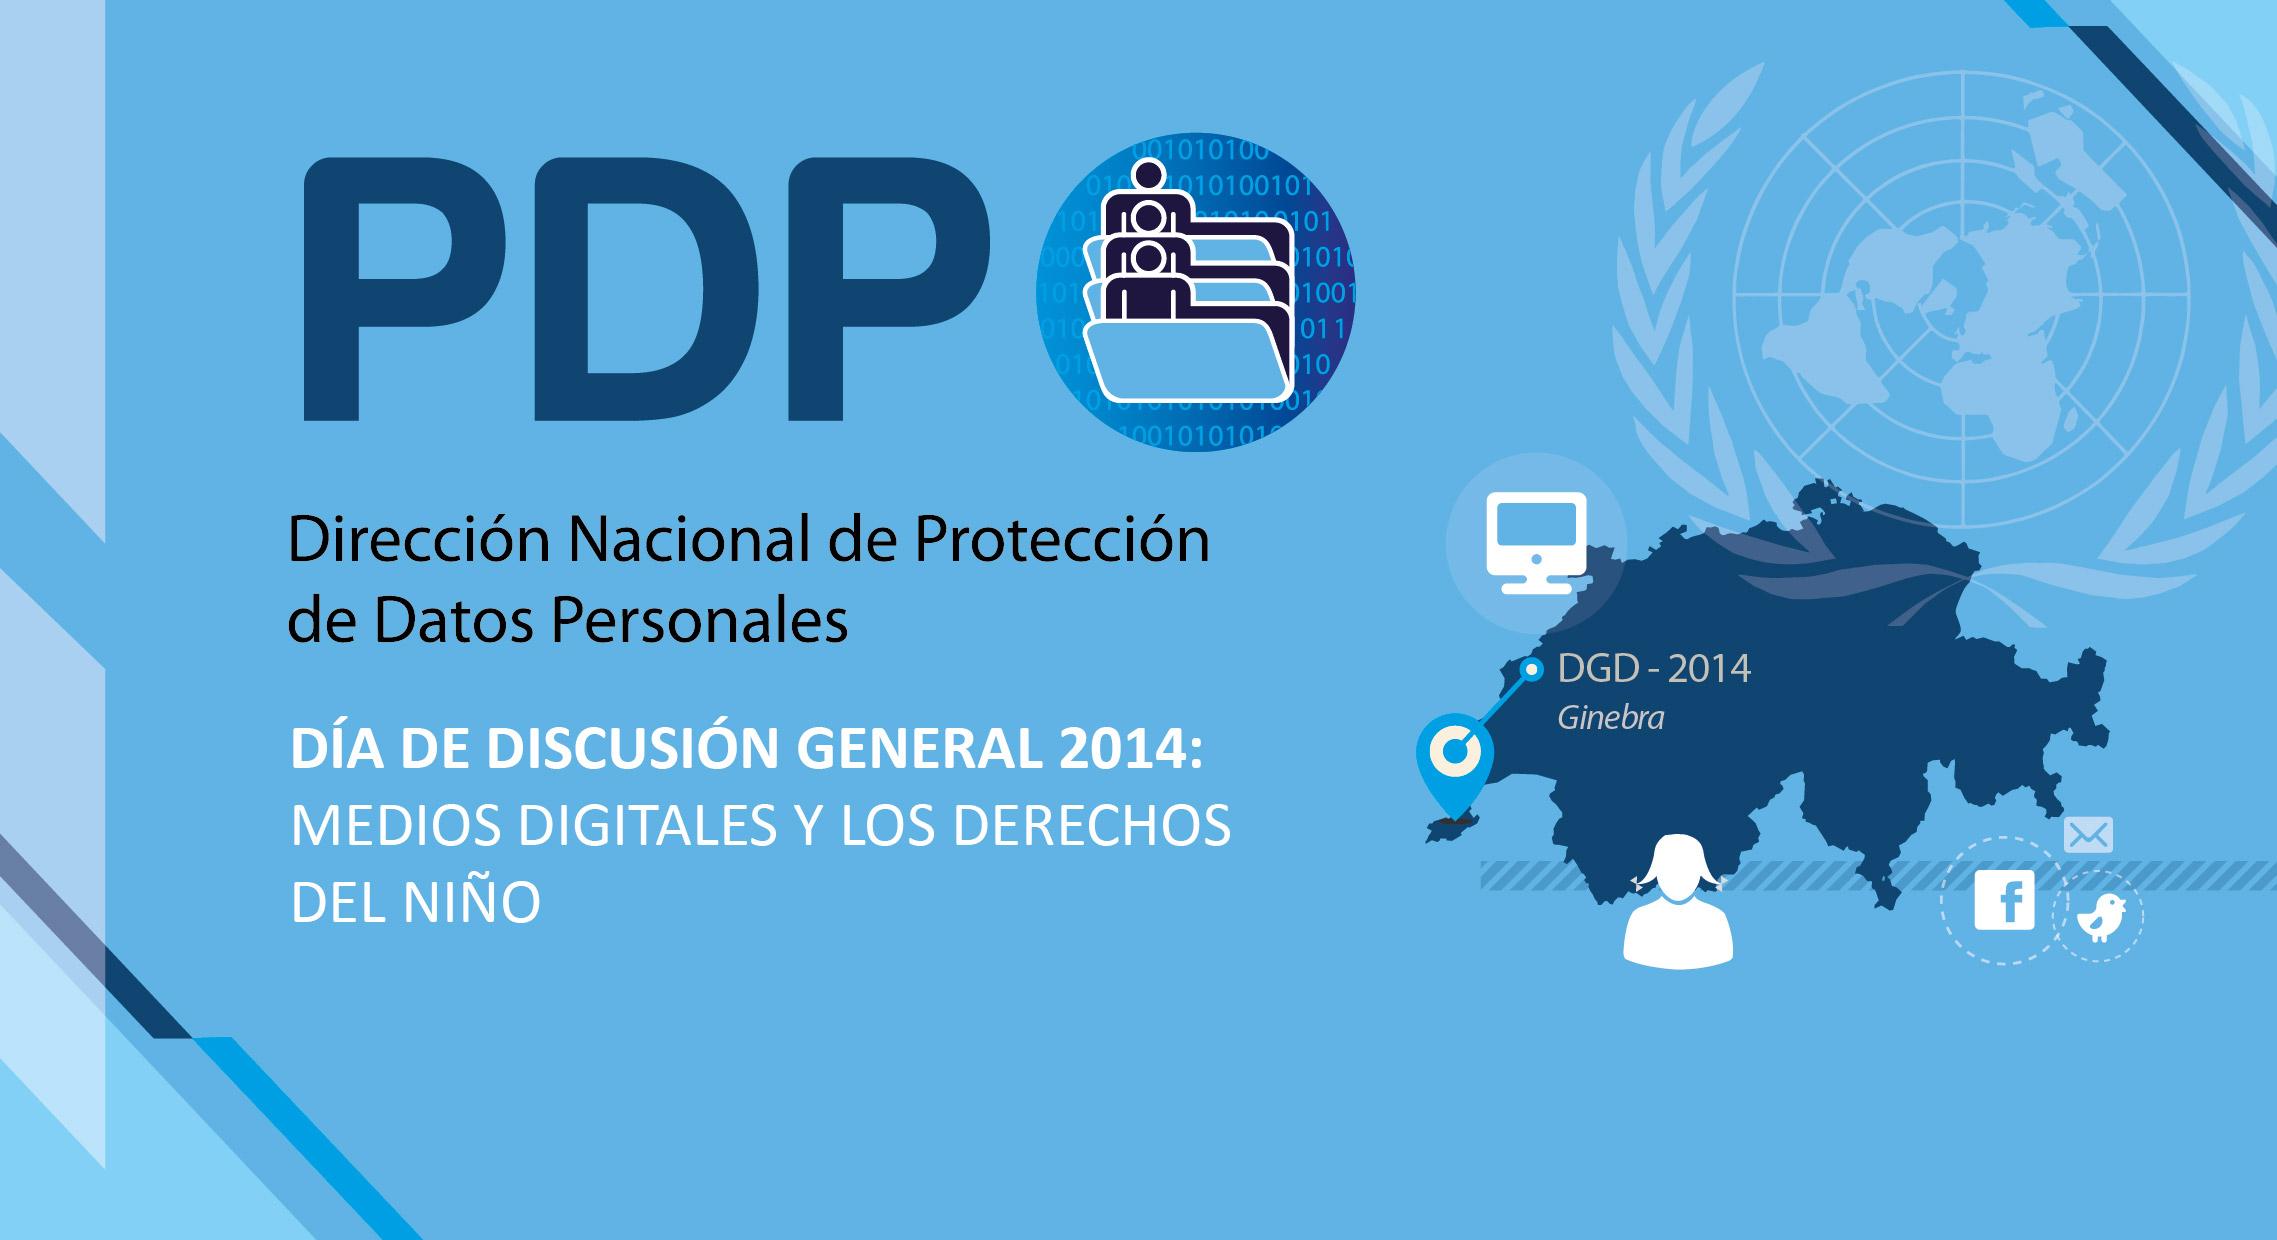 La Argentina expuso en la ONU sobre Protección de Datos Personales